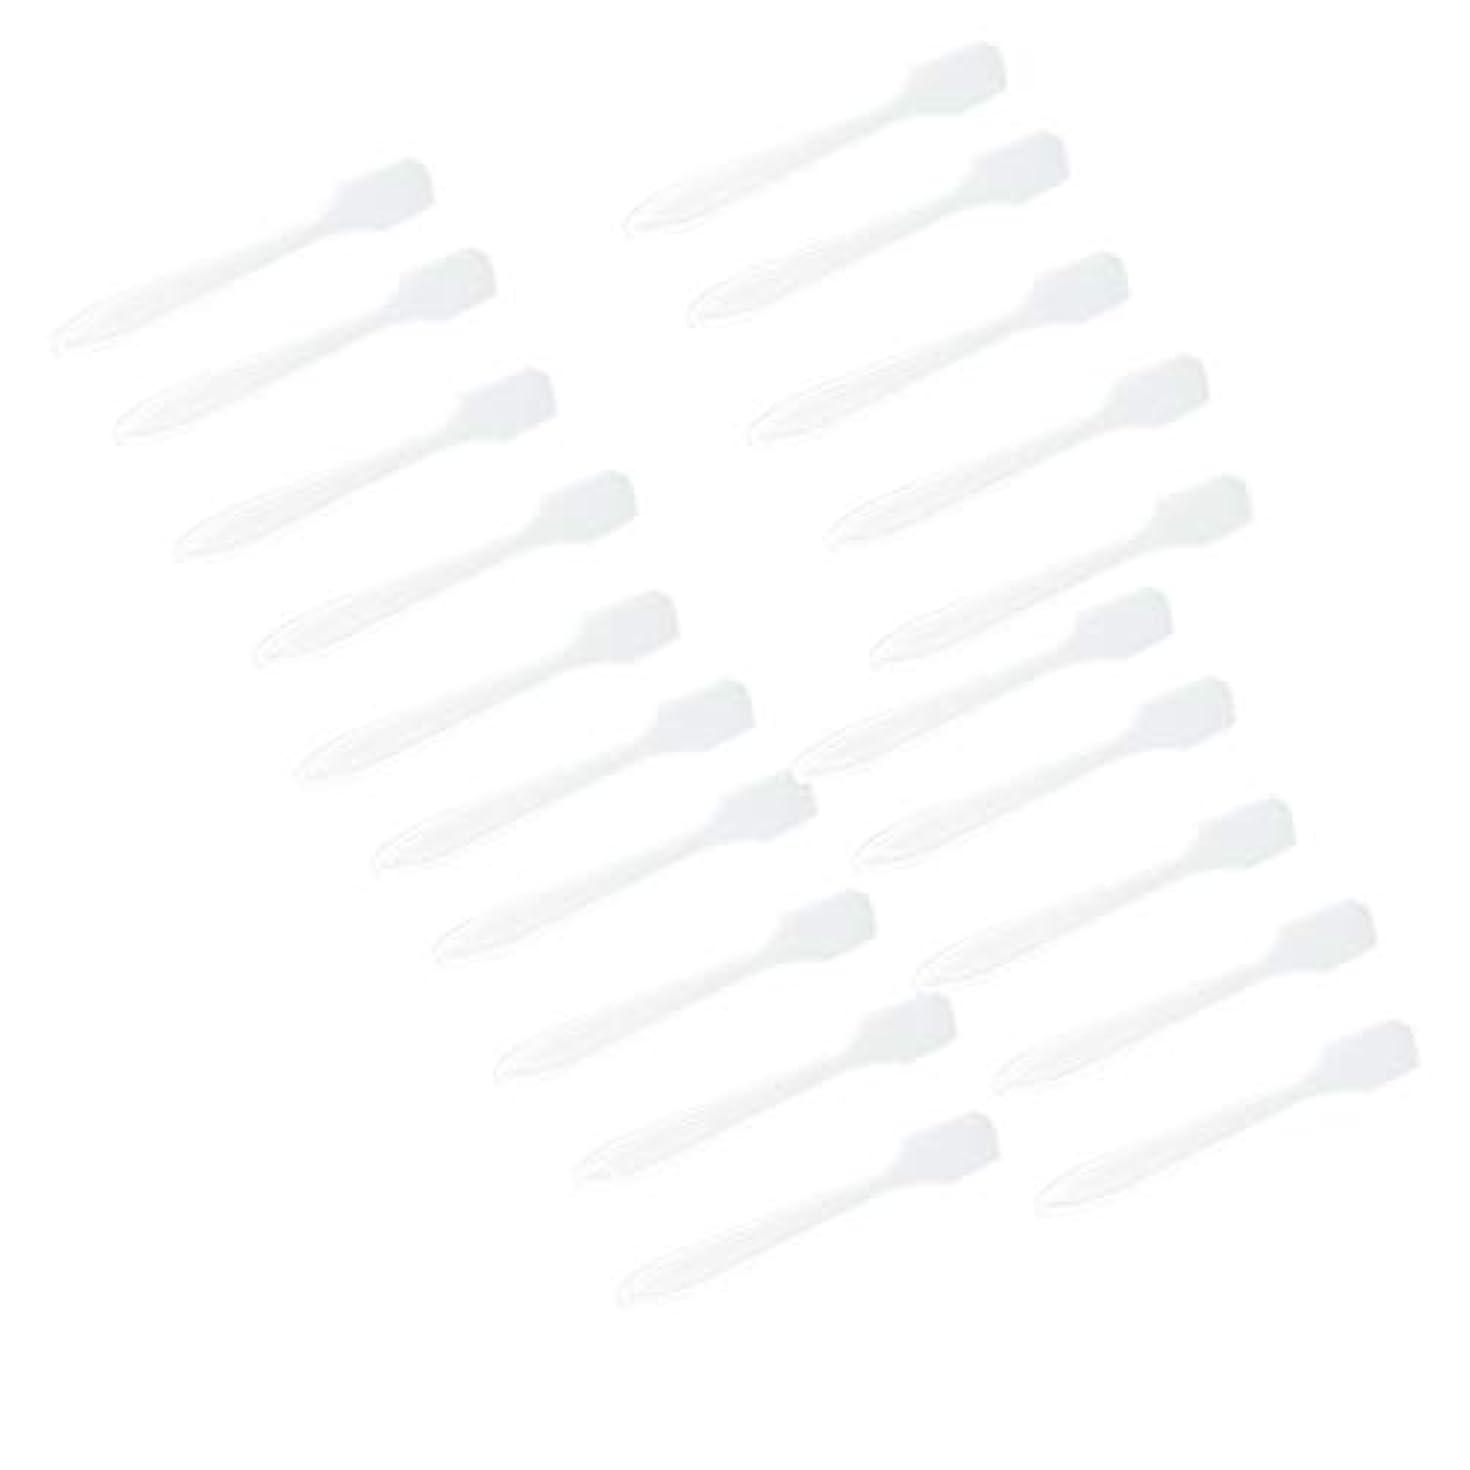 収束する初期のおじいちゃん5カラー選ぶ 化粧品へら スプーン フェイシャル クリーム マスクスプーン 美容パックツール 全100点 - クリア